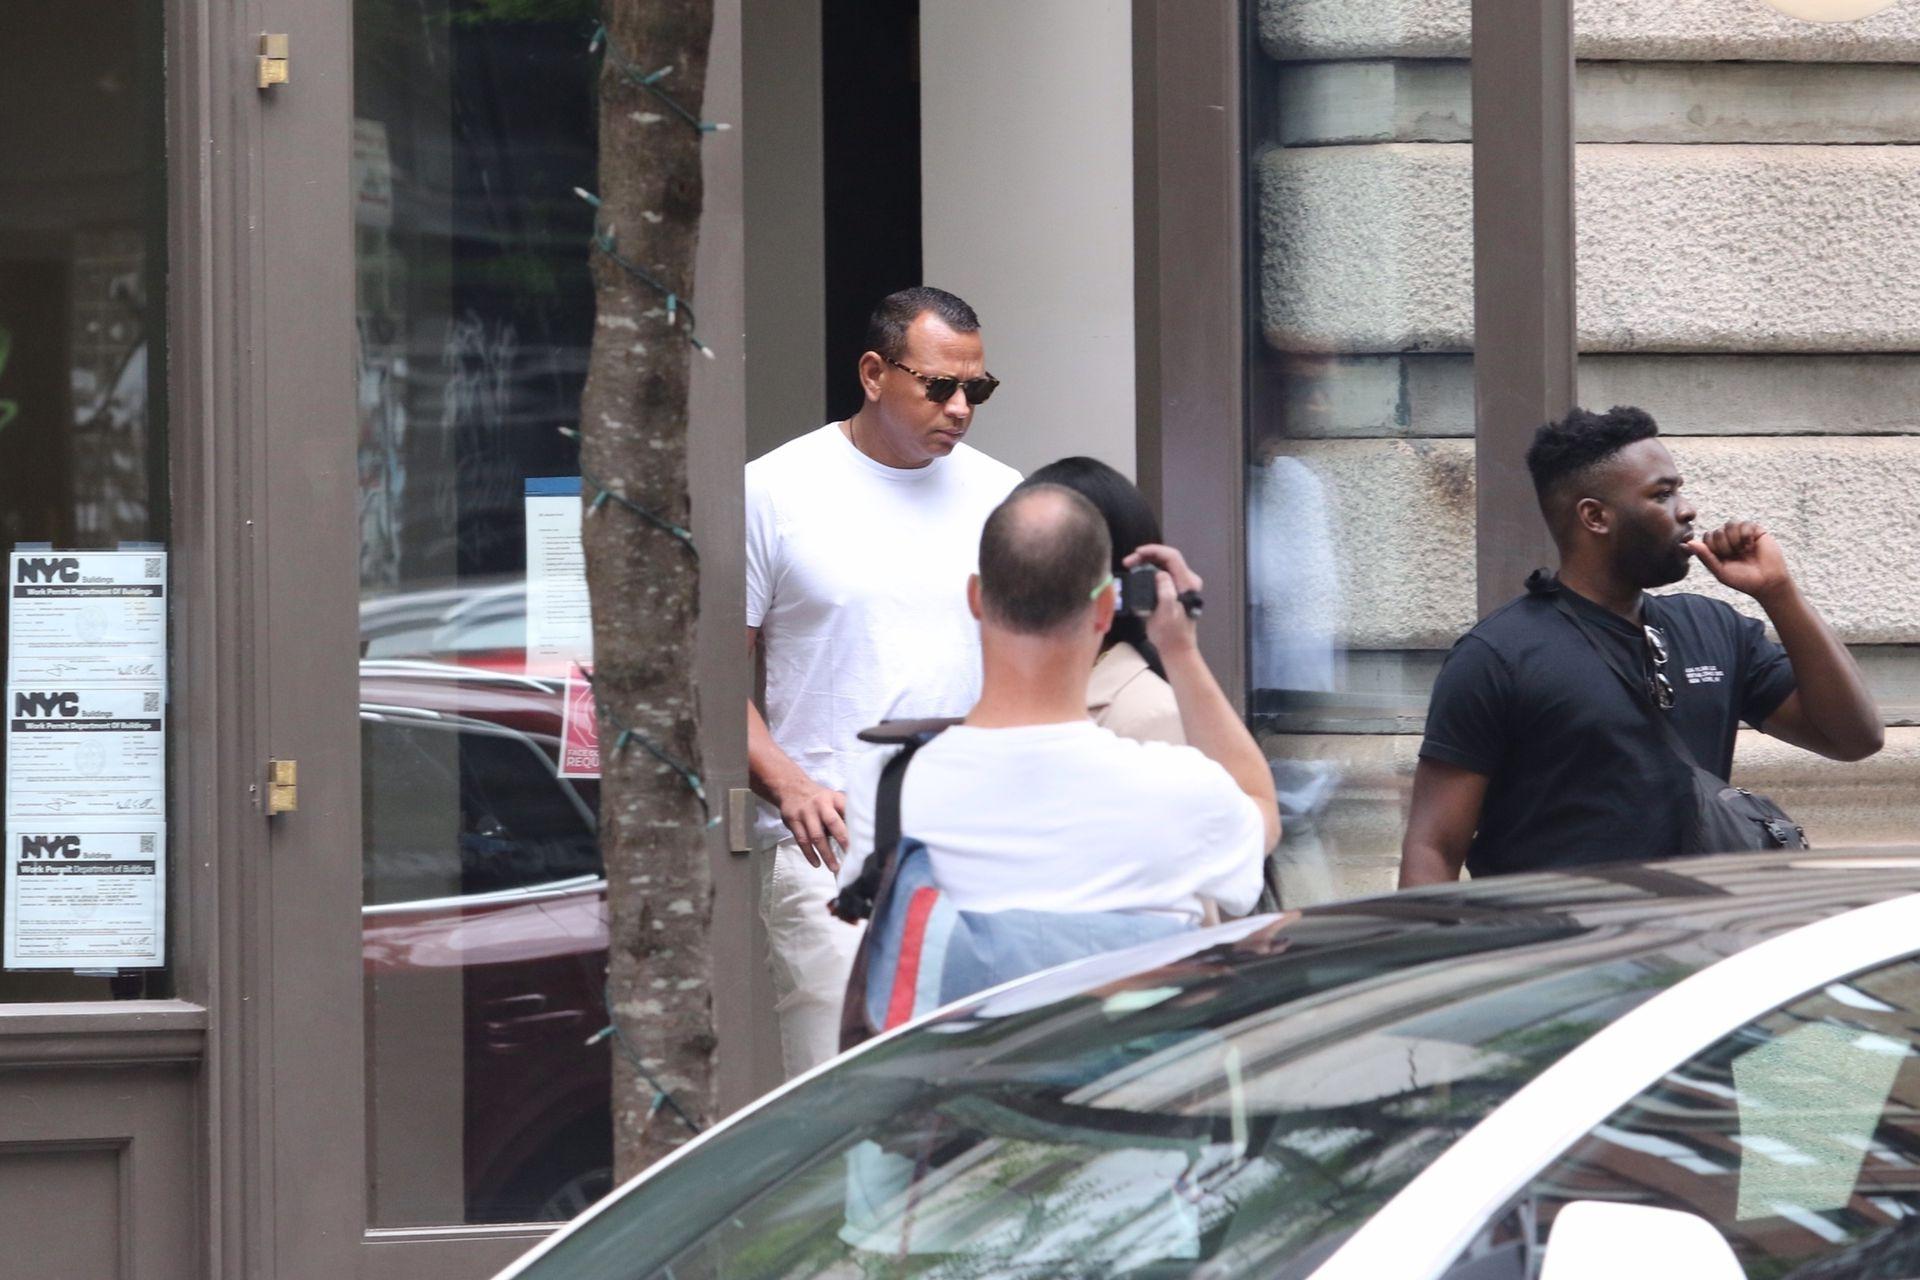 Alex Rodriguez, ex de Jennifer Lopez, saliendo del edificio donde vive Katie Holmes, a quien se lo vinculó románticamente